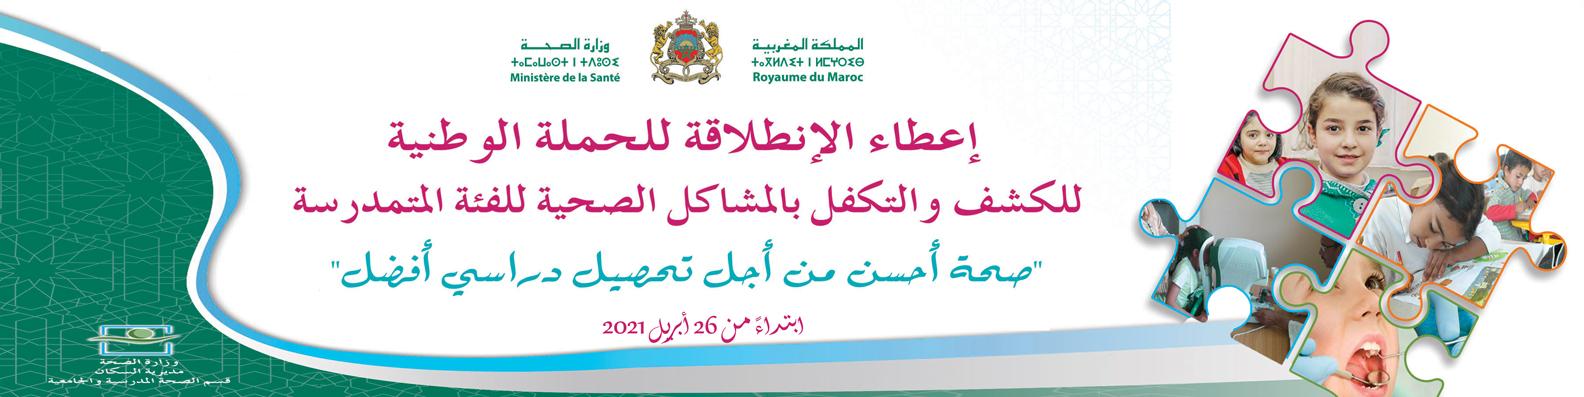 الحملة الوطنية للكشف و التكفل بالمشاكل الصحية للتلاميذ